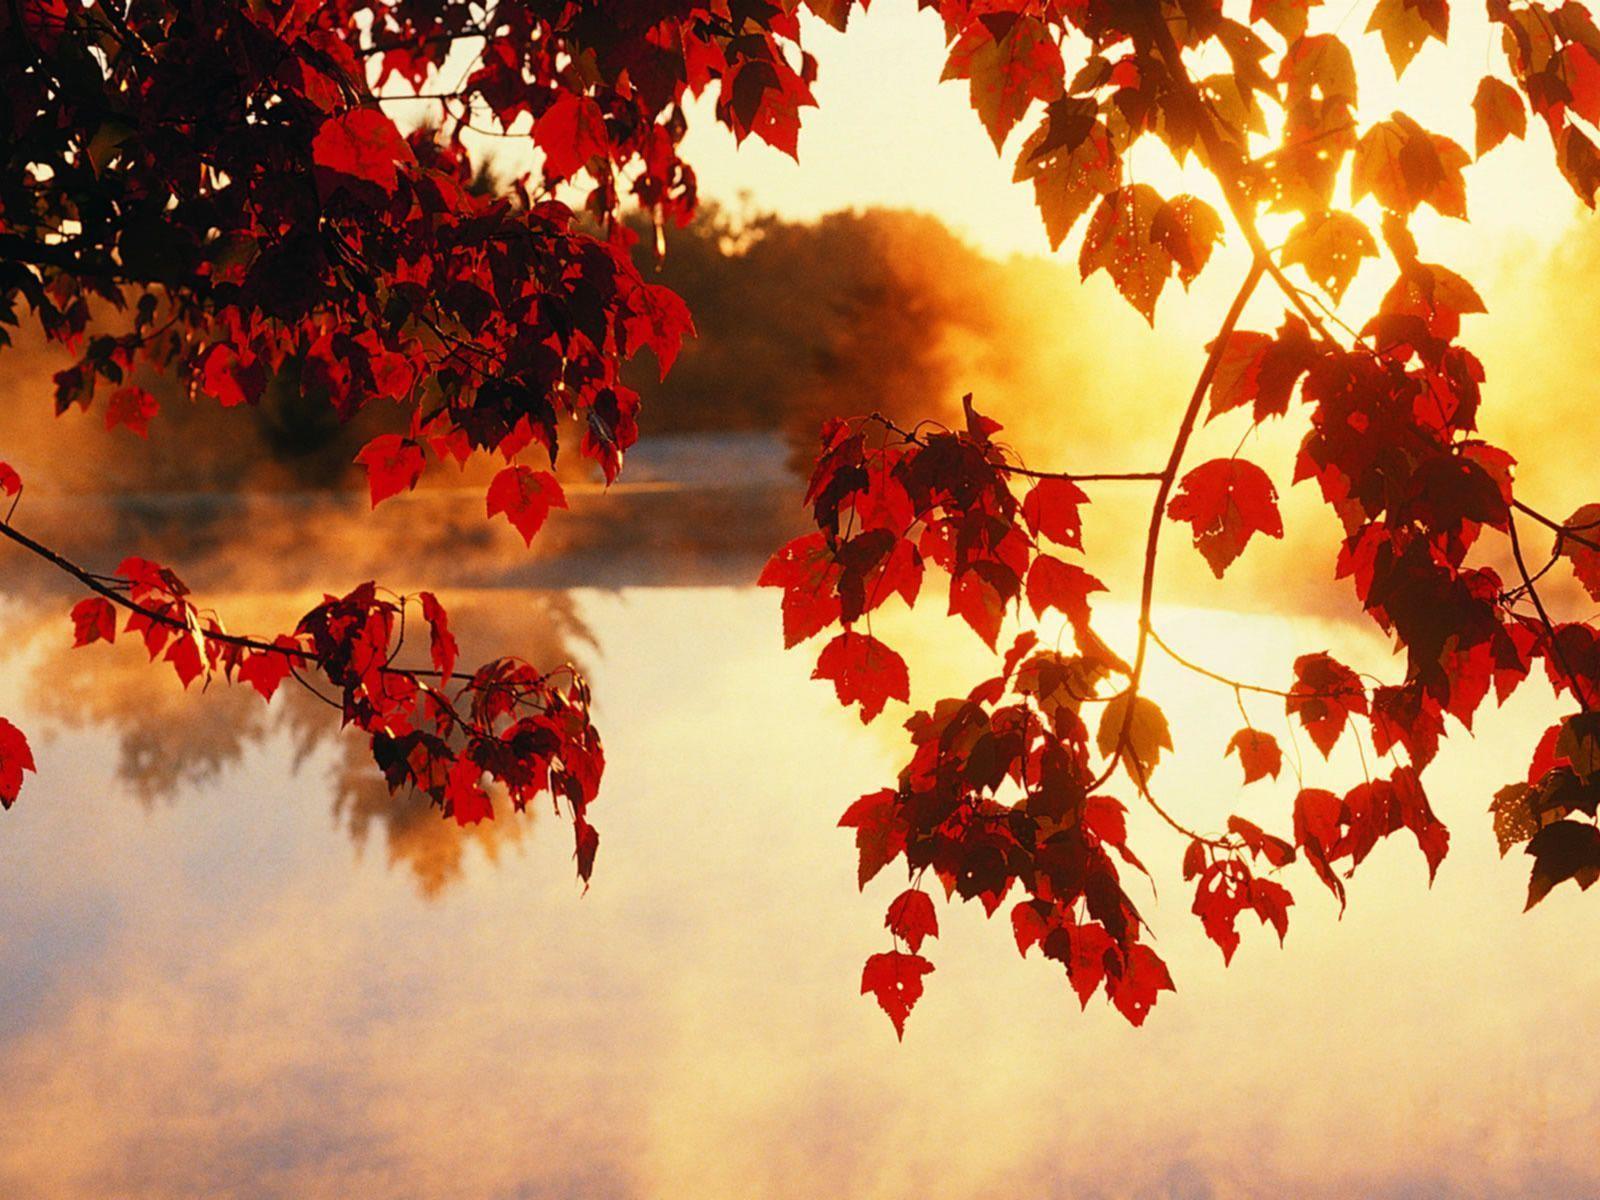 Light Beam Autumn Fall Wallpaper   HD Wallpapers & HD Backgrounds ...